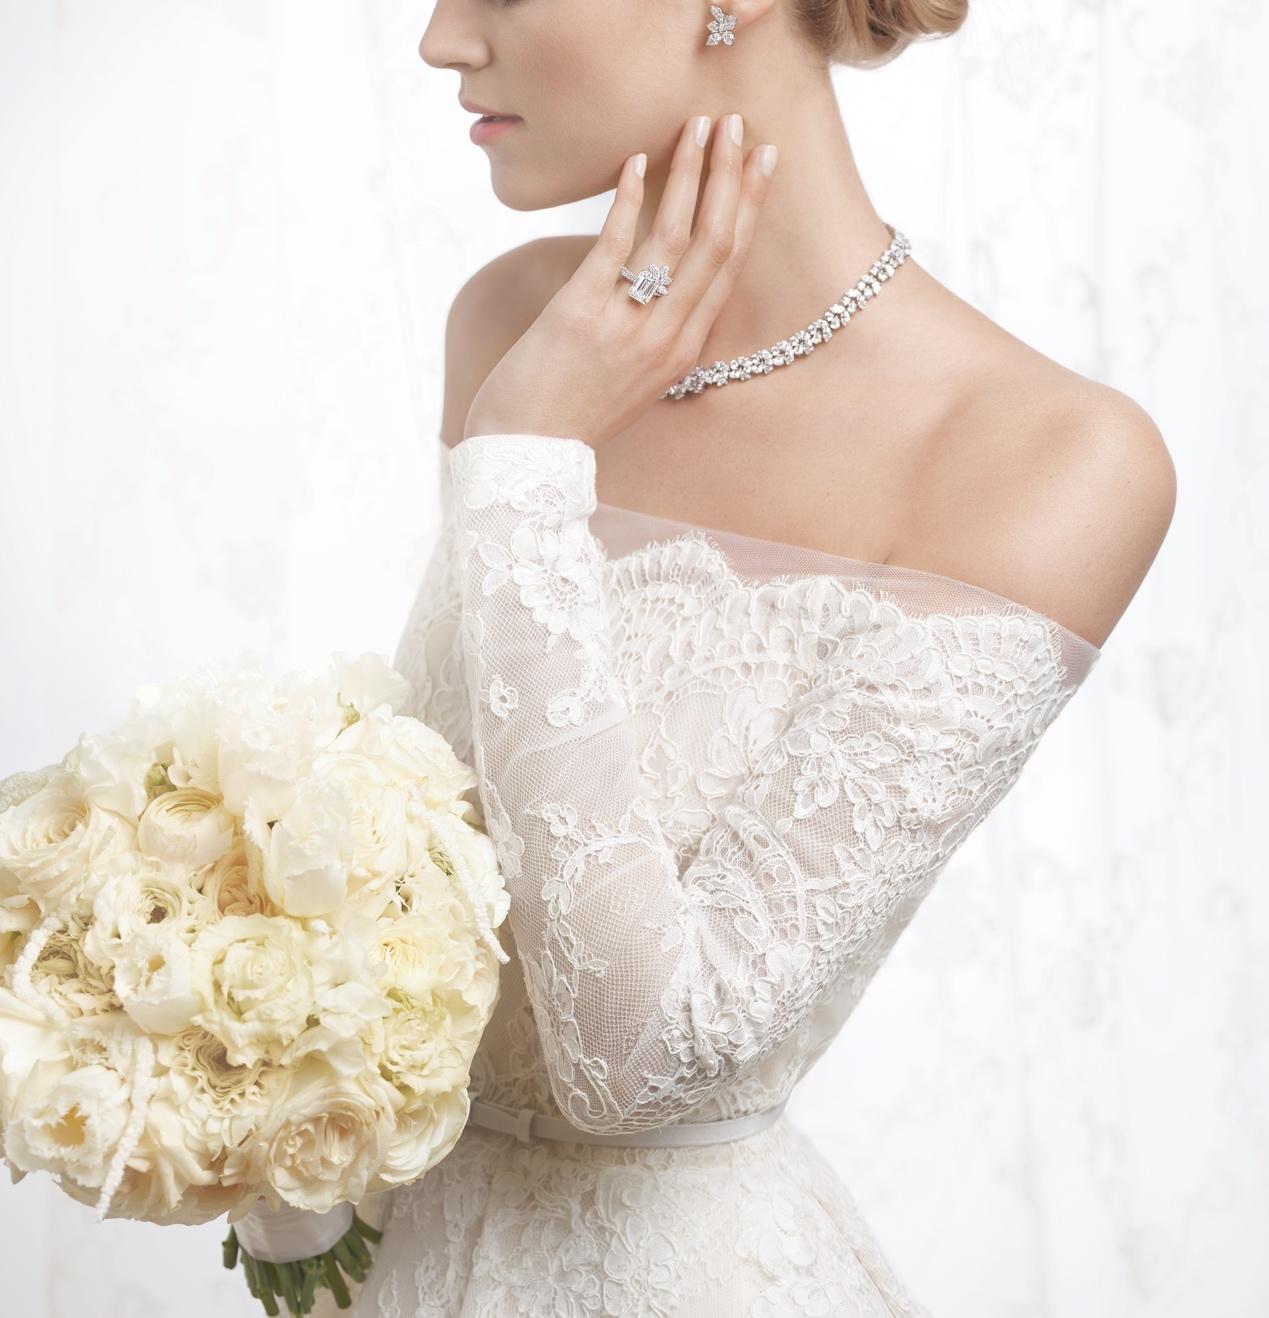 婚礼季,给新娘最深情的告白